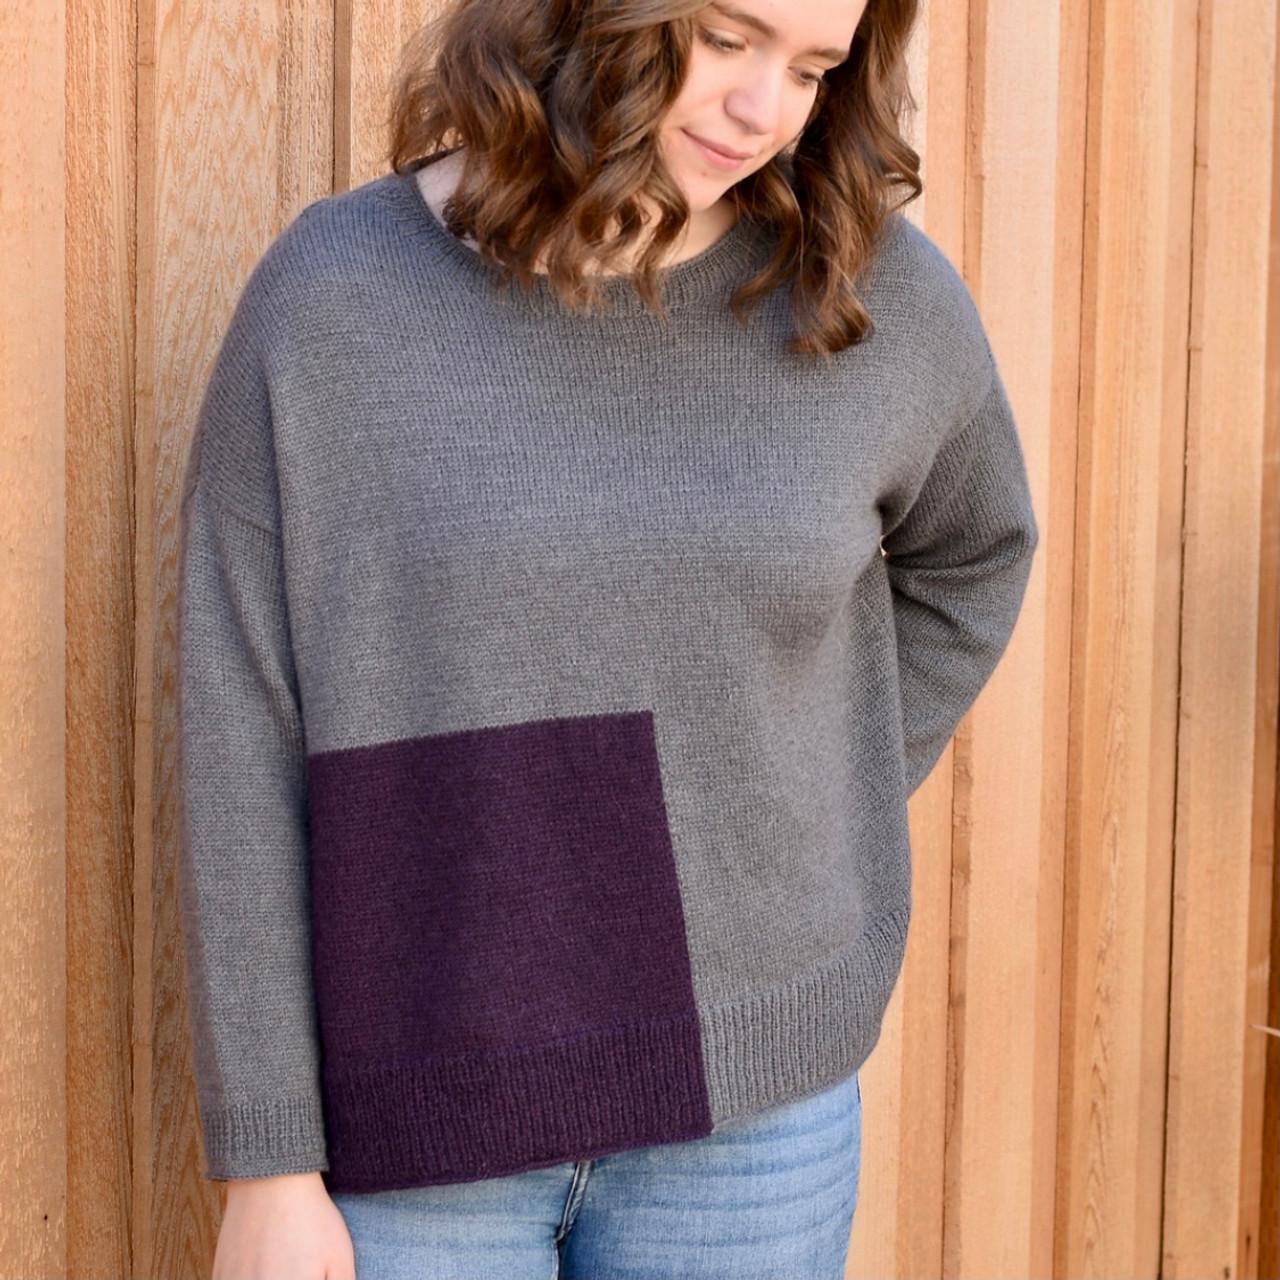 Dayton Sweater Kit